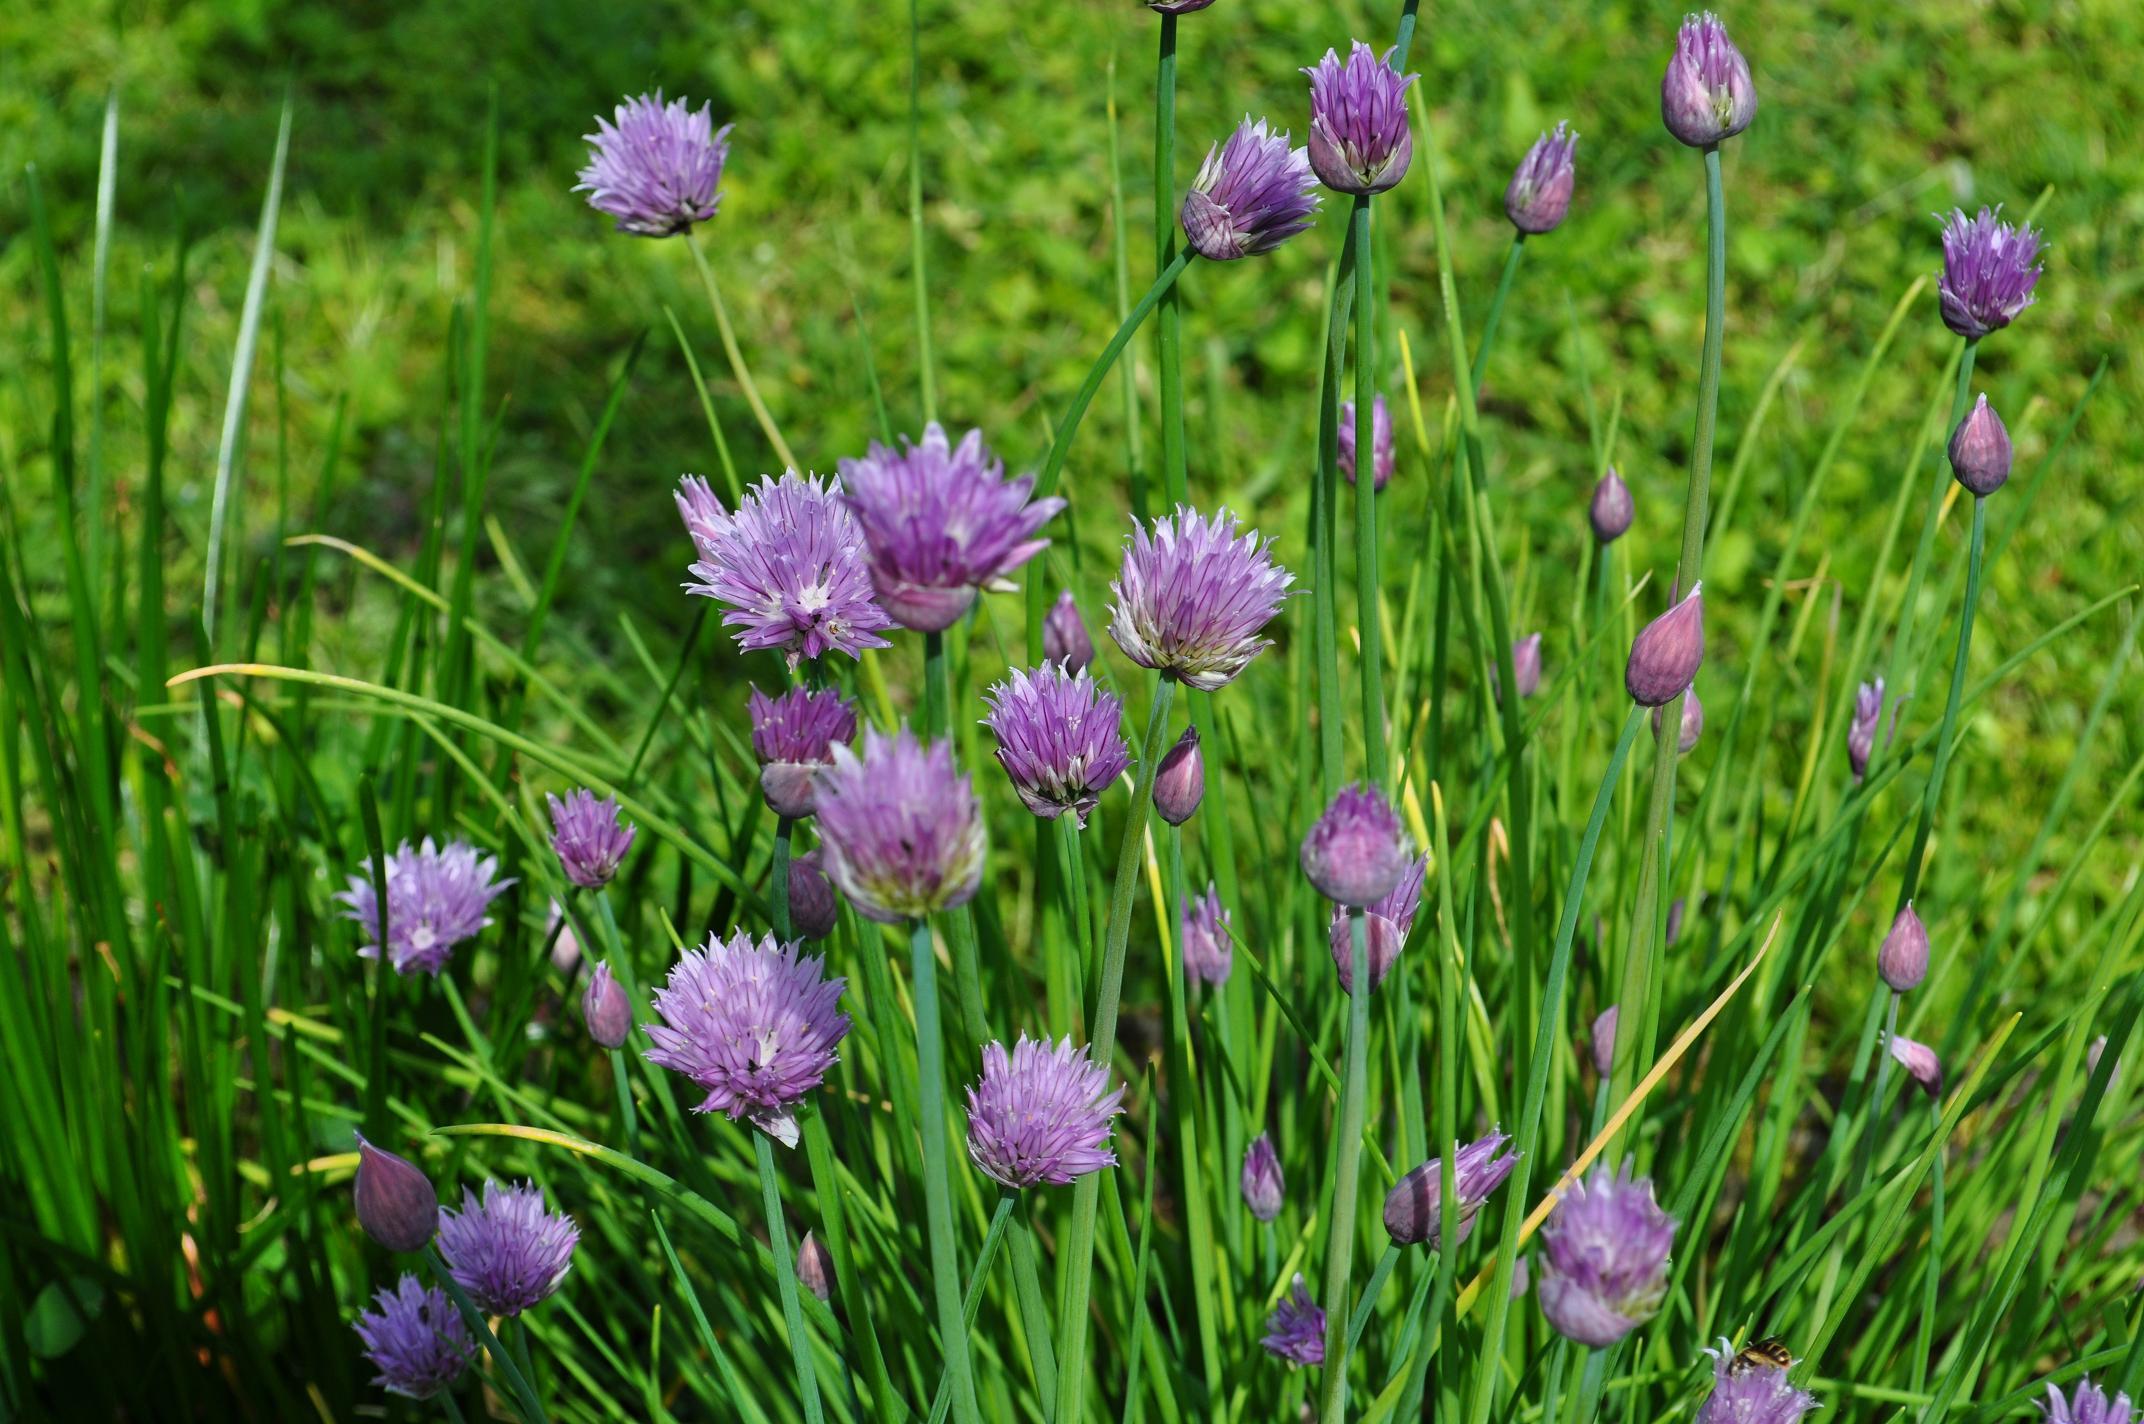 Erba cipollina : pianta aromatica dalle foglie profumate ...